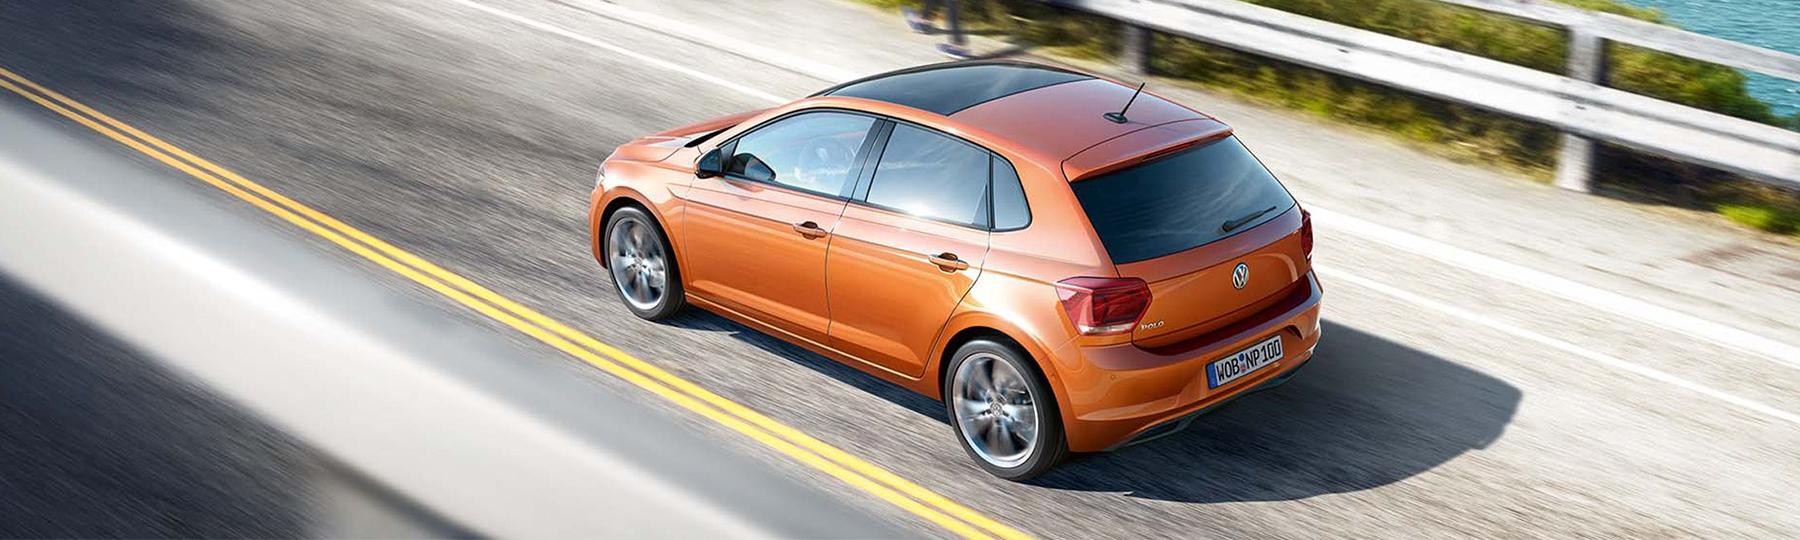 Valira Motors, Servei Oficial Volkswagen a La Seu d'Urgell (Lérida)